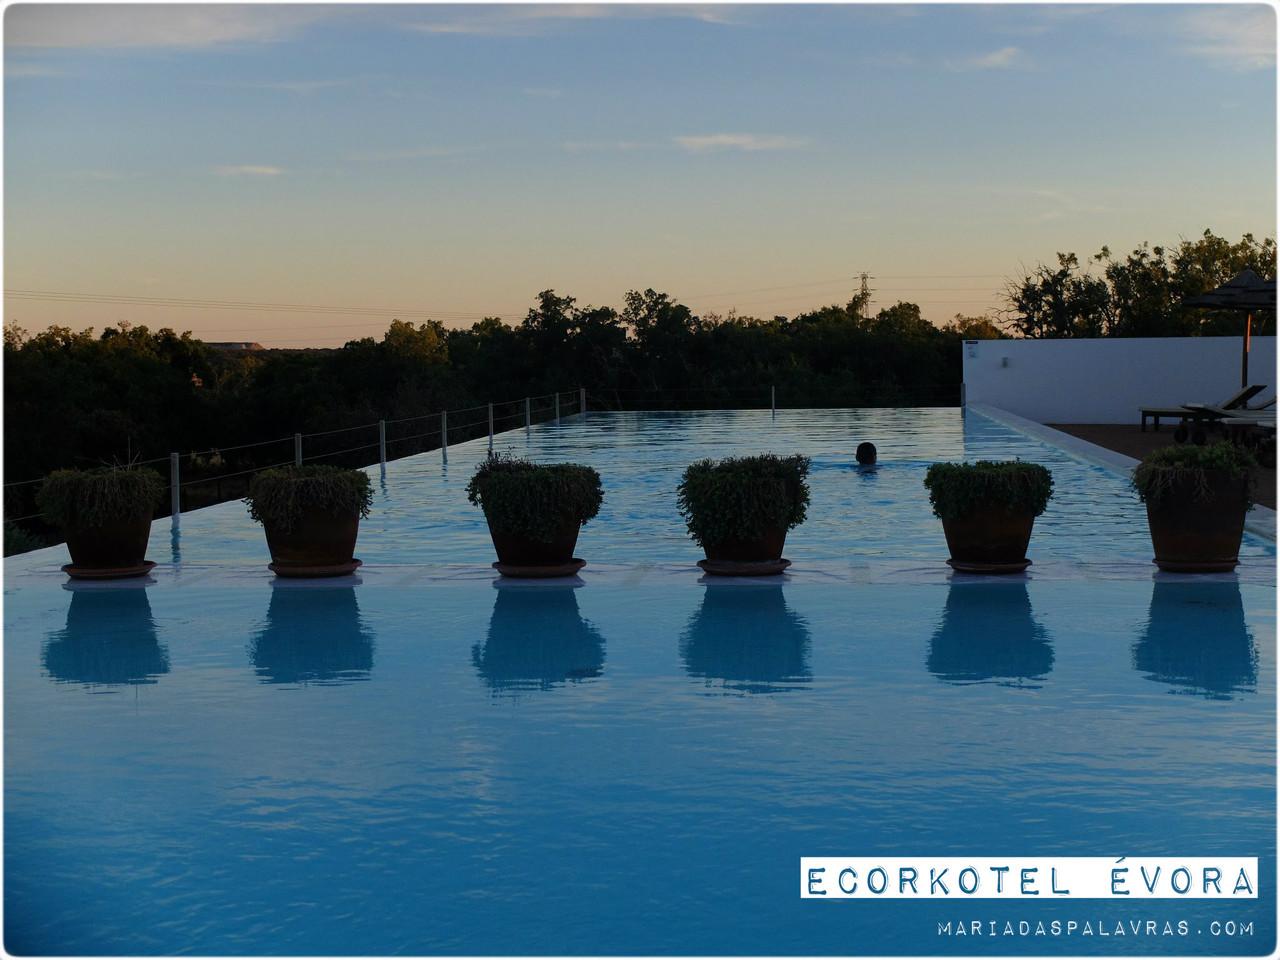 Ecorkhotel Évora Suites & SPA 4* | 1 a 7 Noites com Opção Meia-Pensão ou Massagem | Odisseias | Maria das Palavras